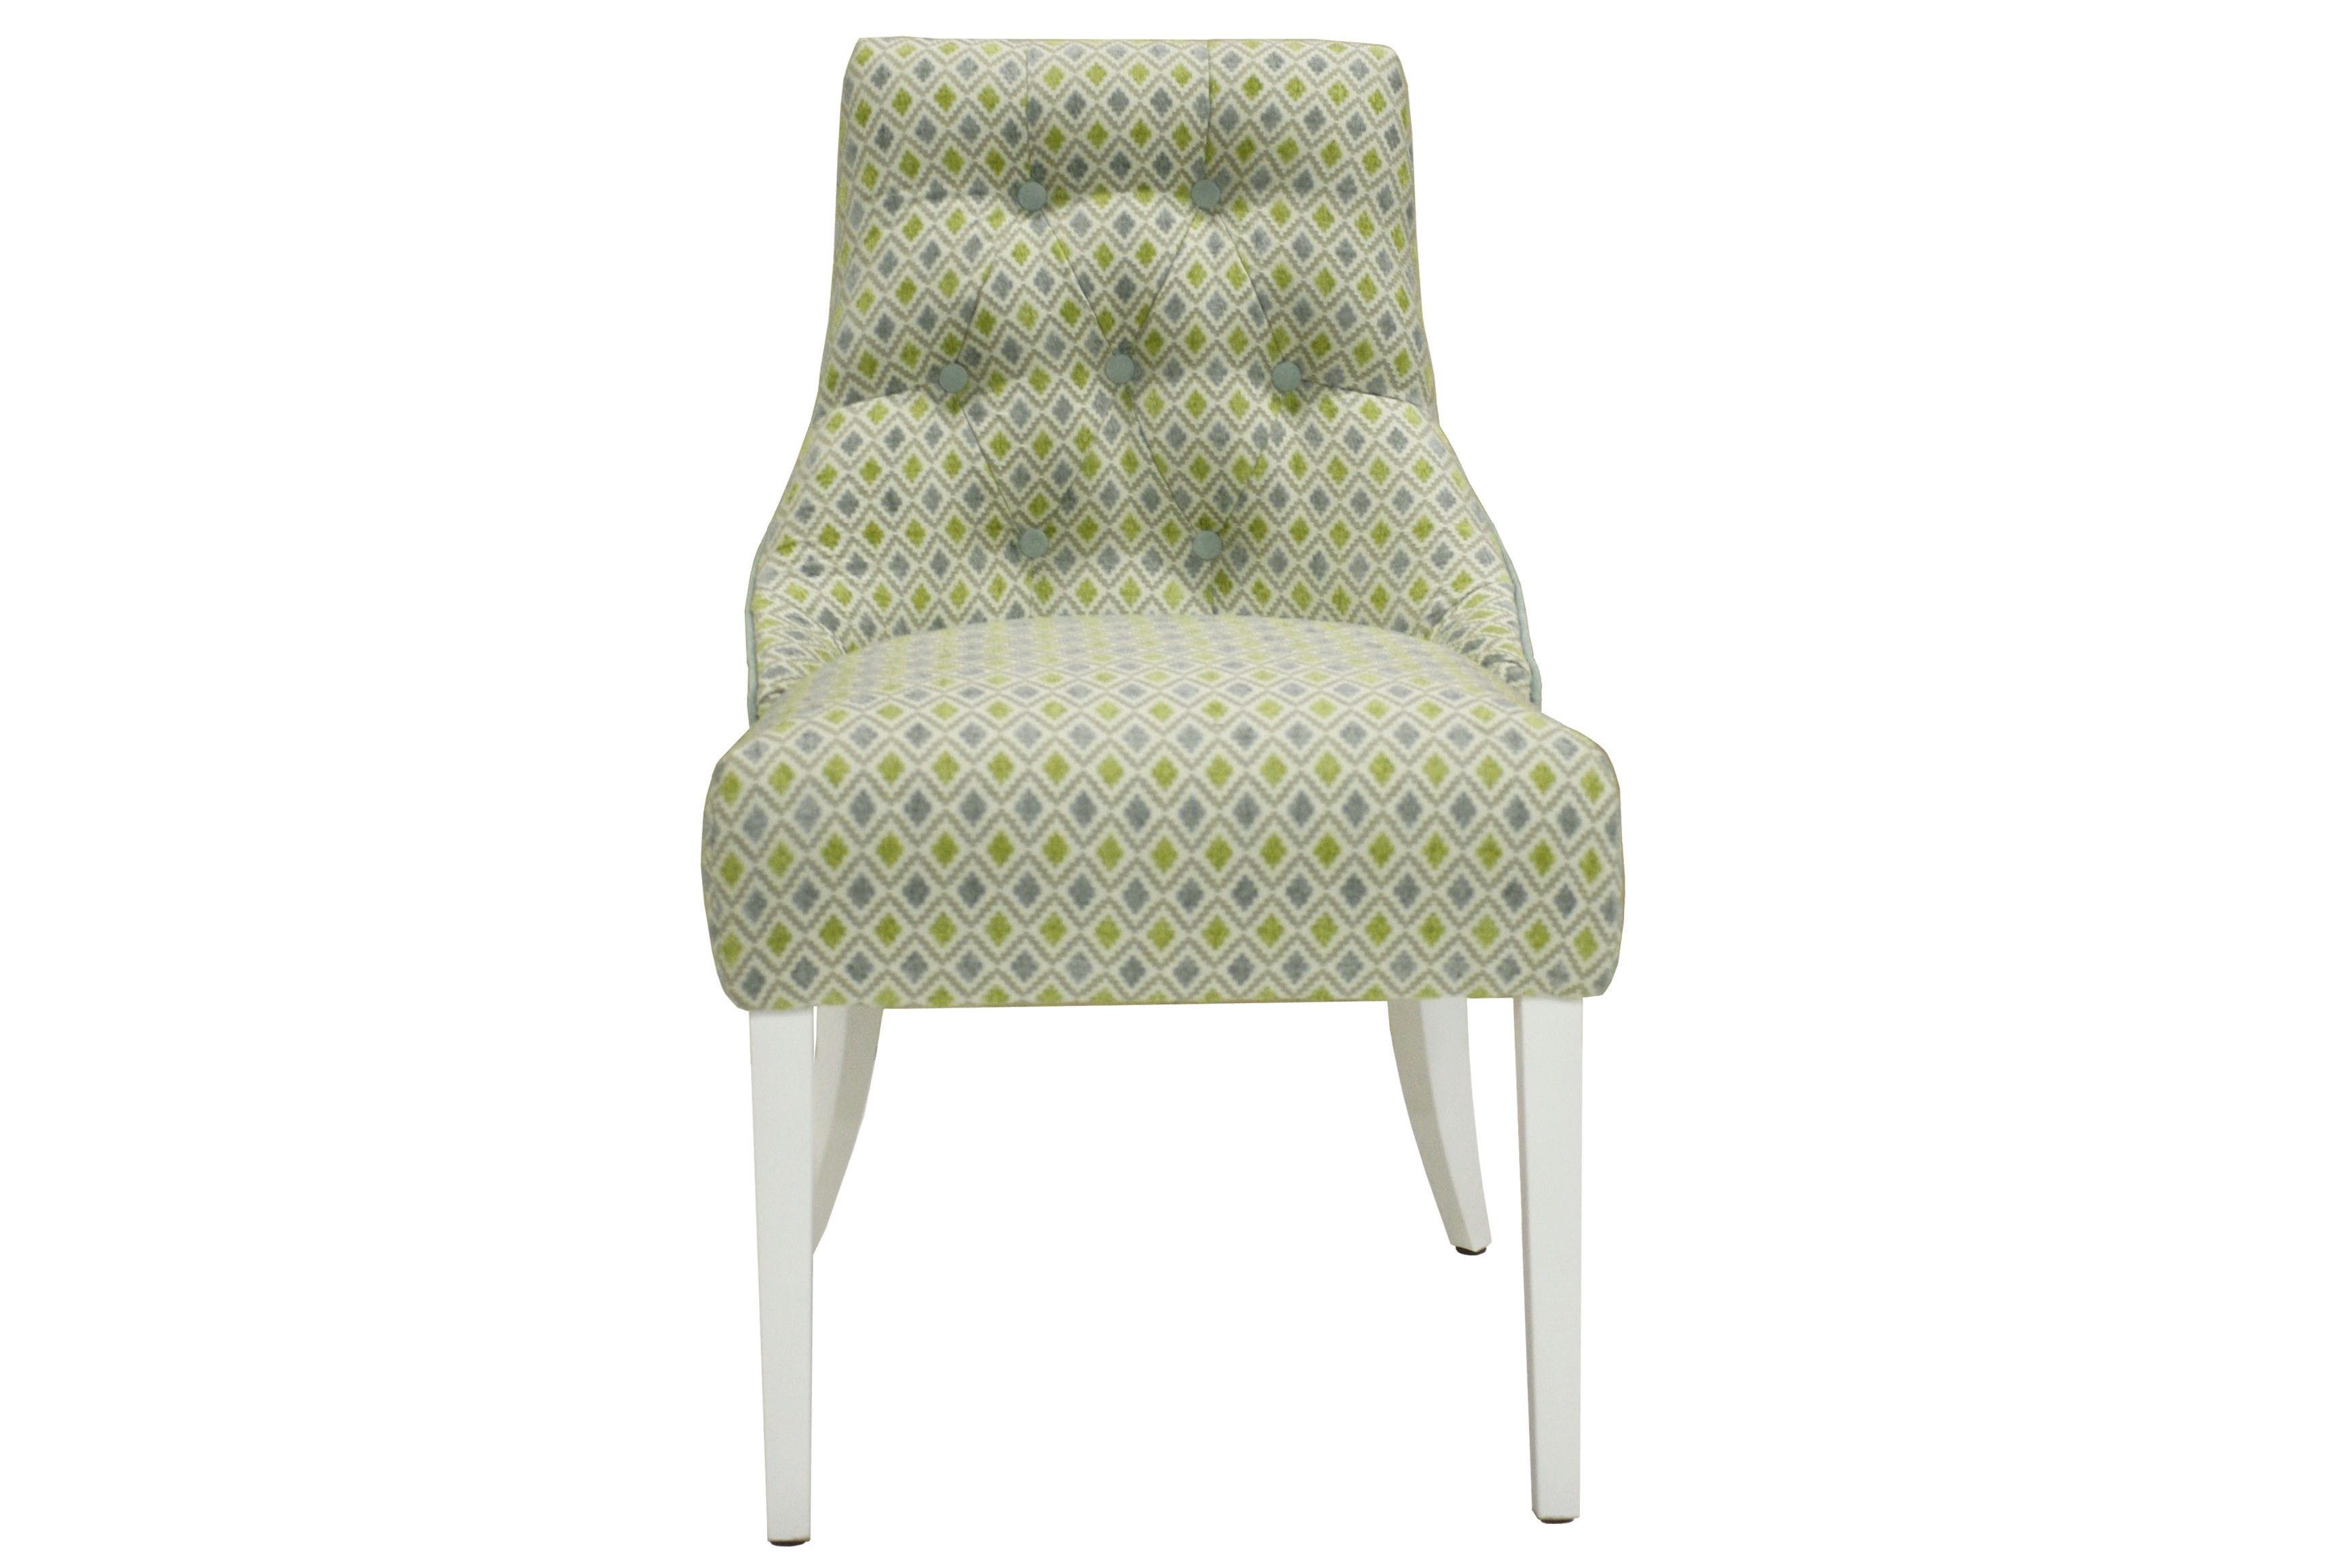 Стул МессиноПолукресла<br>&amp;lt;div&amp;gt;Классический стул без подлокотников декорирован стежкой капитоне по внутренней части изогнутой спинки и гвоздевым декором по всему внешнему периметру.&amp;amp;nbsp;&amp;lt;/div&amp;gt;&amp;lt;div&amp;gt;&amp;lt;br&amp;gt;&amp;lt;/div&amp;gt;&amp;lt;div&amp;gt;Особенность модели: спинка создана с плавным переходом в боковой уровень, что прекрасно заменяет подлокотники.&amp;amp;nbsp;&amp;lt;/div&amp;gt;&amp;lt;div&amp;gt;Доп.Опция: замена пуговиц стежки на стразы.&amp;lt;/div&amp;gt;<br><br>Material: Текстиль<br>Width см: 53<br>Depth см: 53<br>Height см: 80